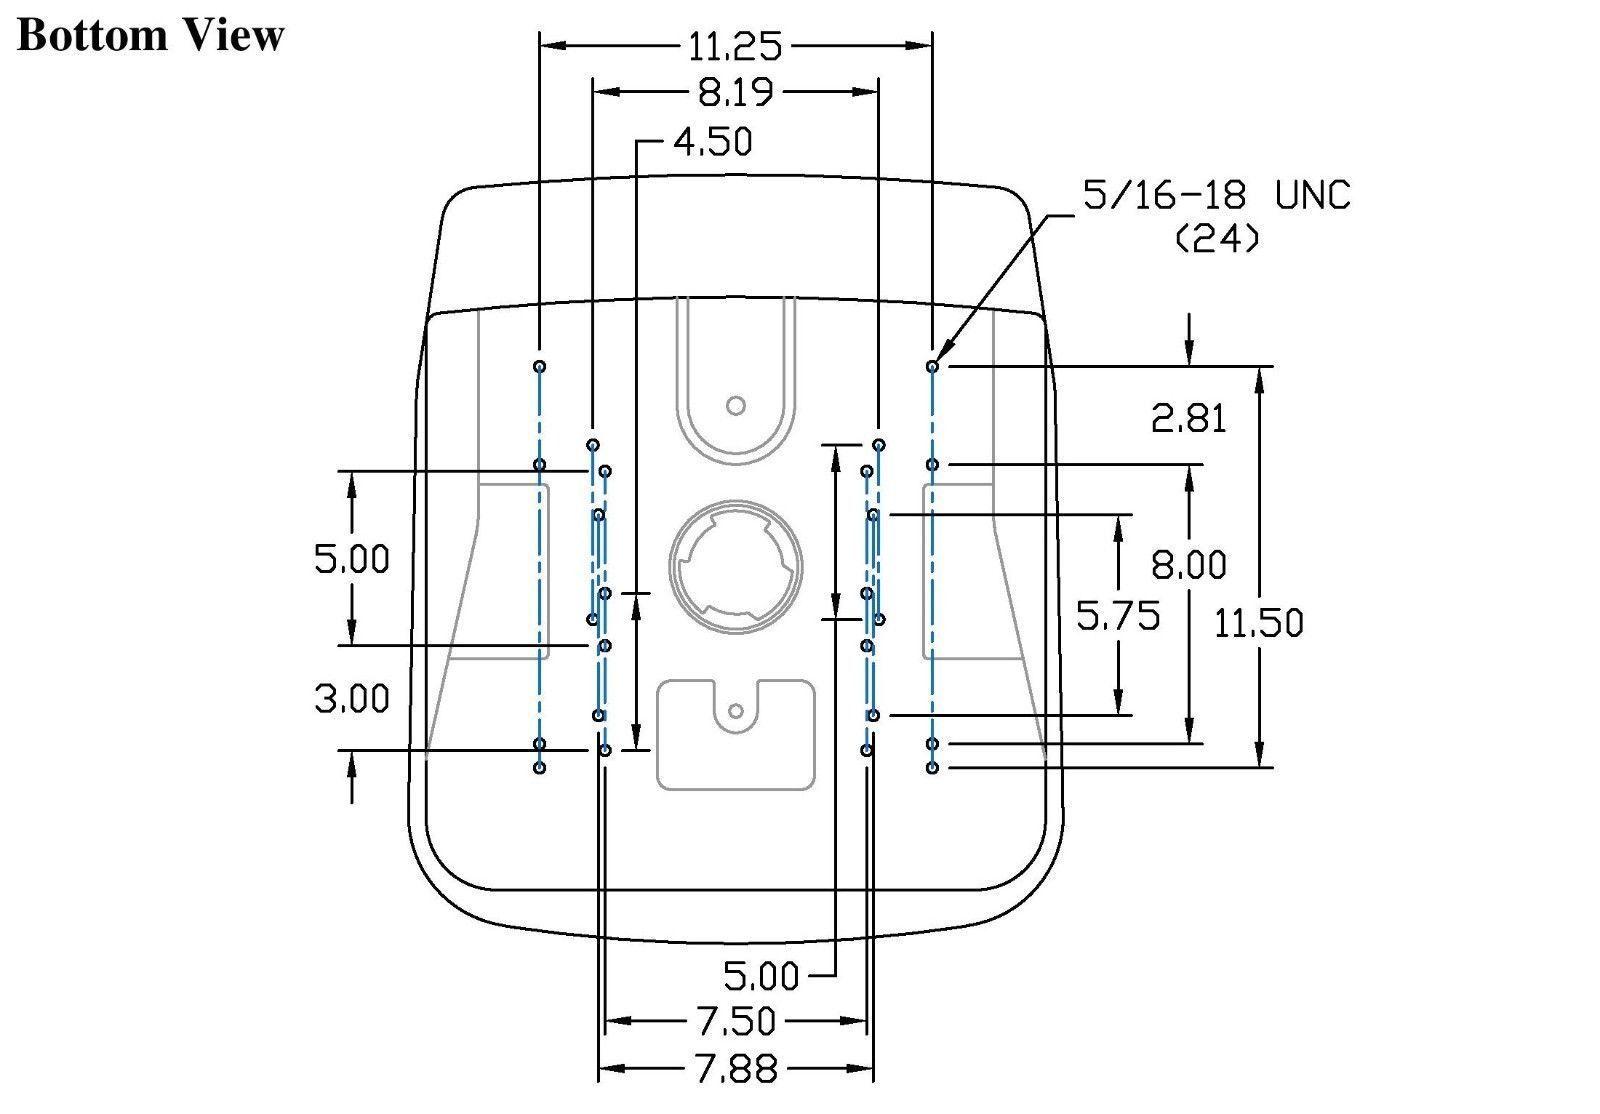 Großartig Deere Gator 6x4 Schaltplan Bilder - Elektrische Schaltplan ...